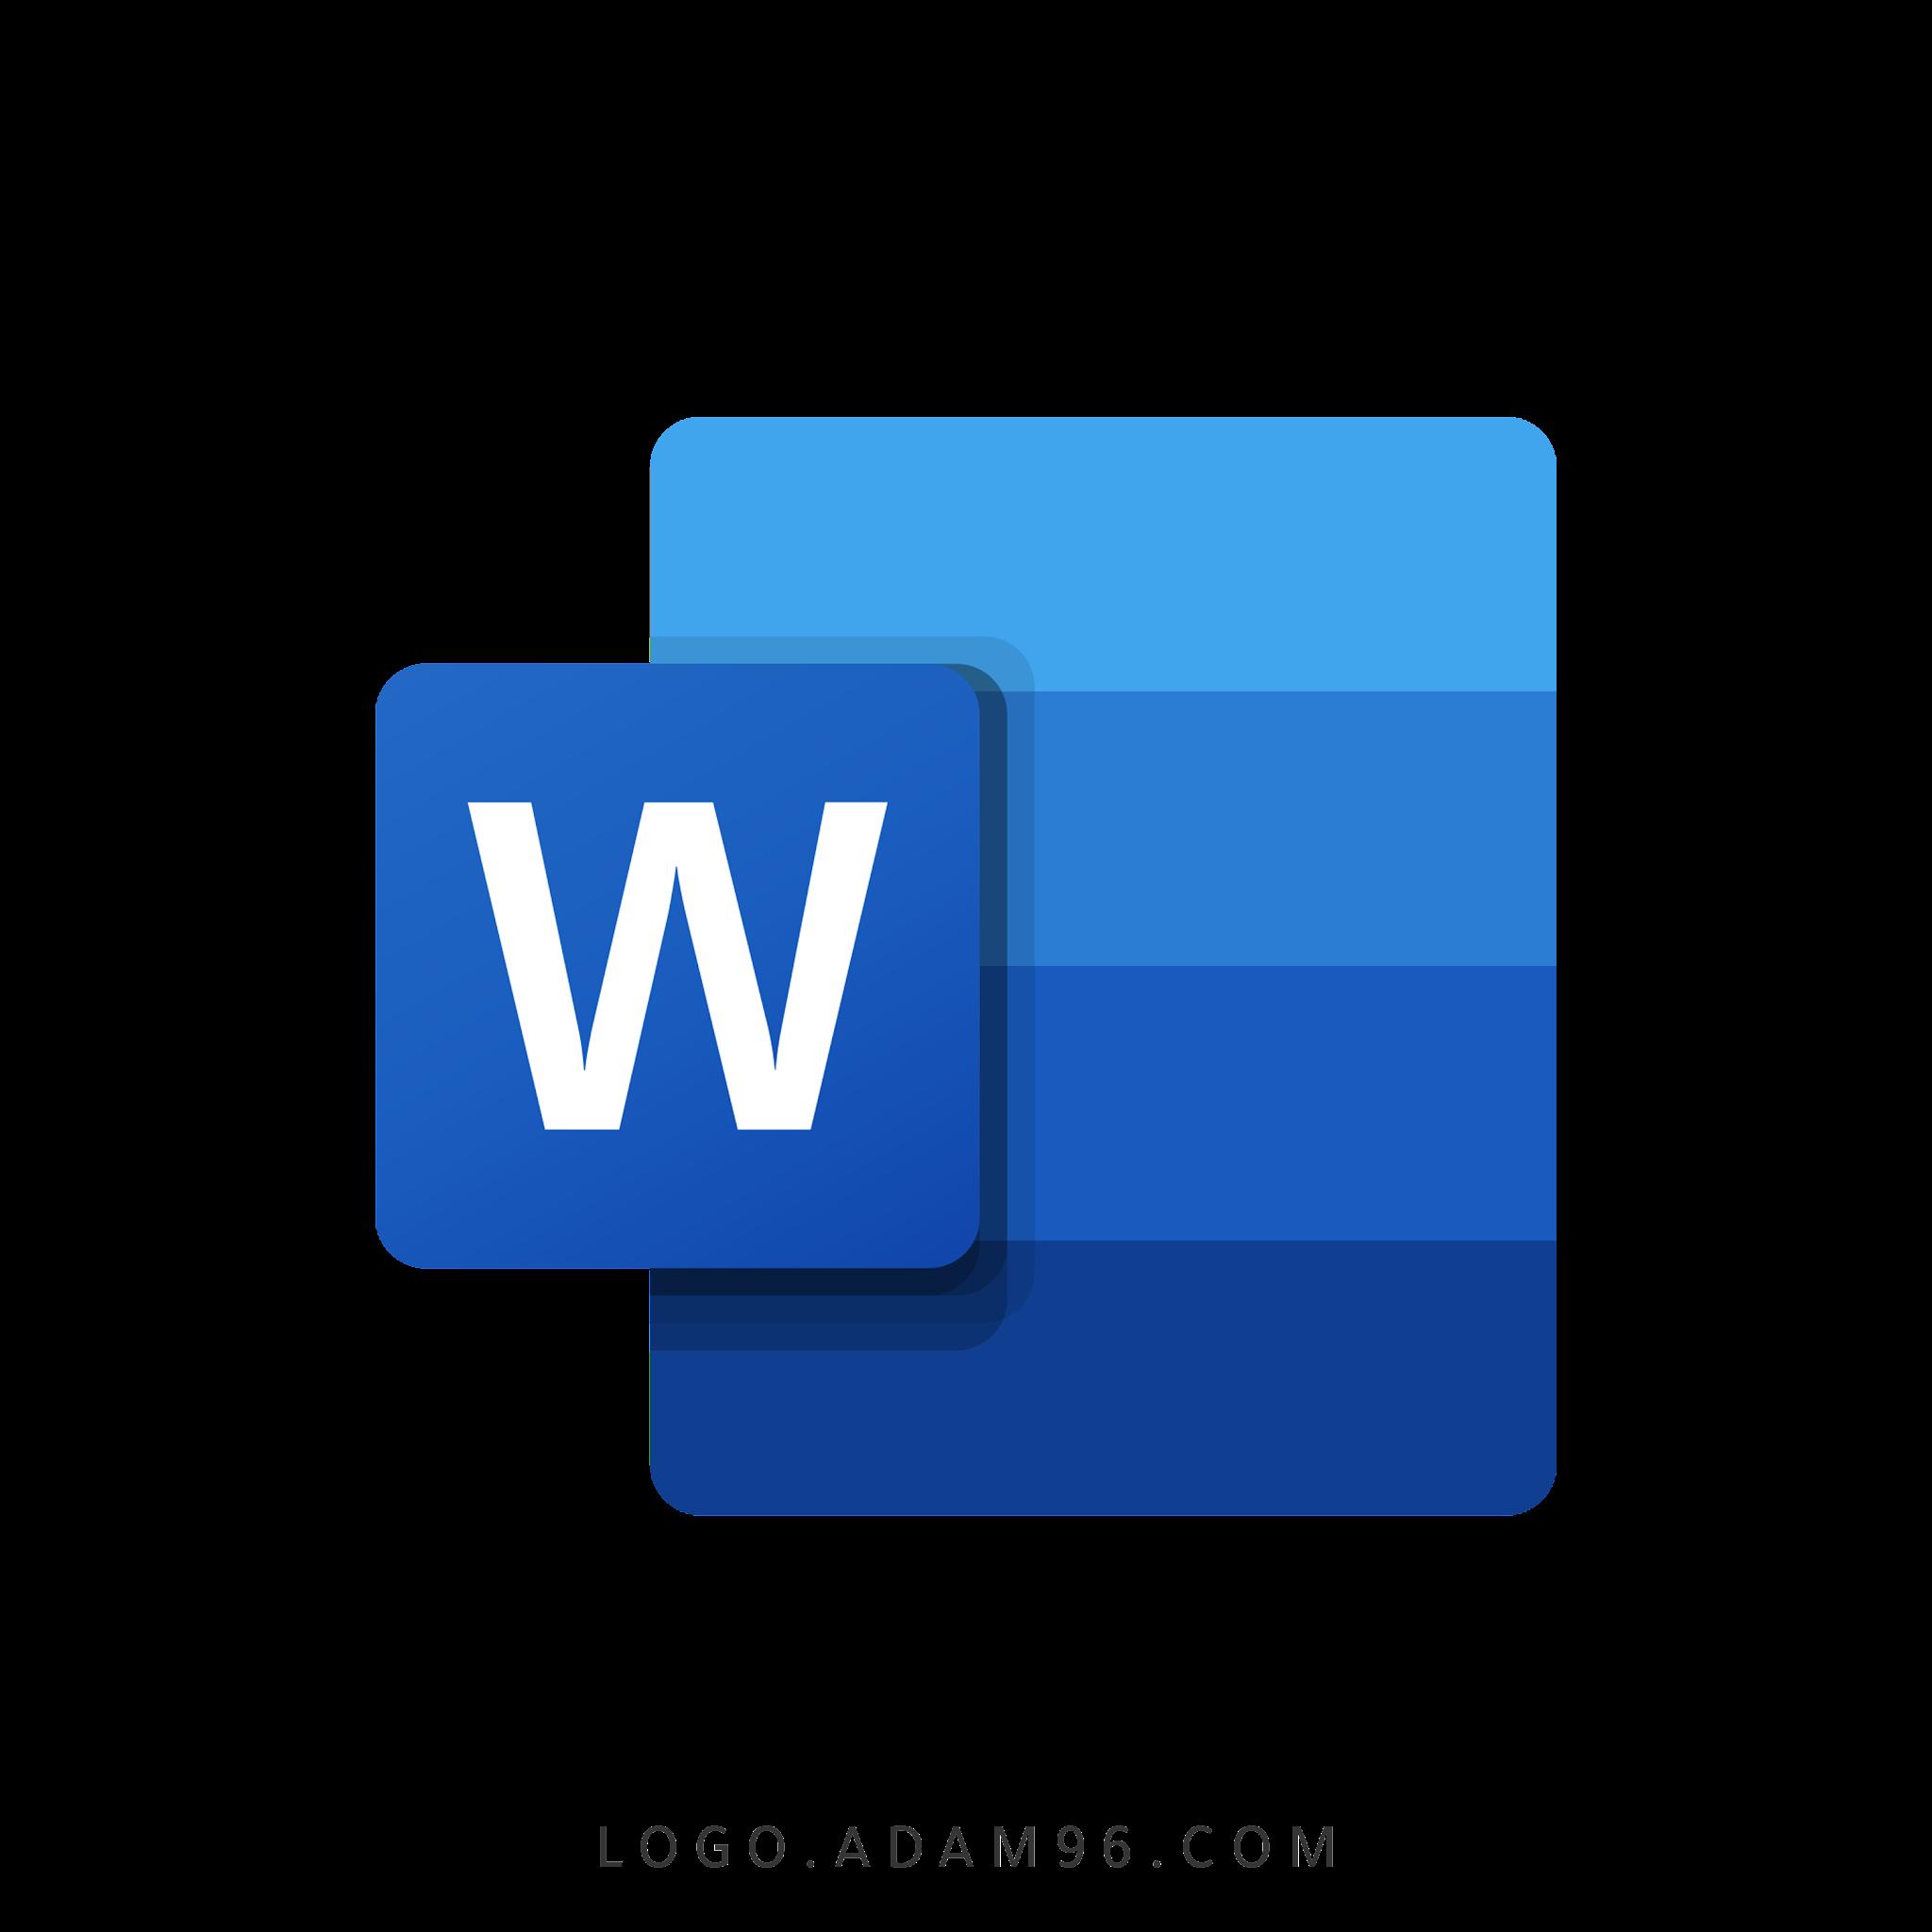 تحميل شعار مايكروسوفت وورد لوجو رسمي عالي الدقة شفاف Logo Microsoft Word PNG